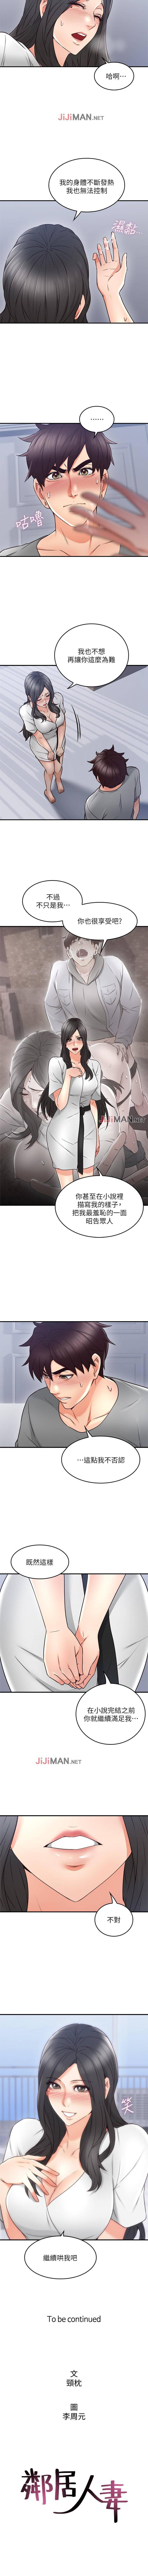 【周六更新】邻居人妻(作者:李周元 & 頸枕) 第1~50话 133